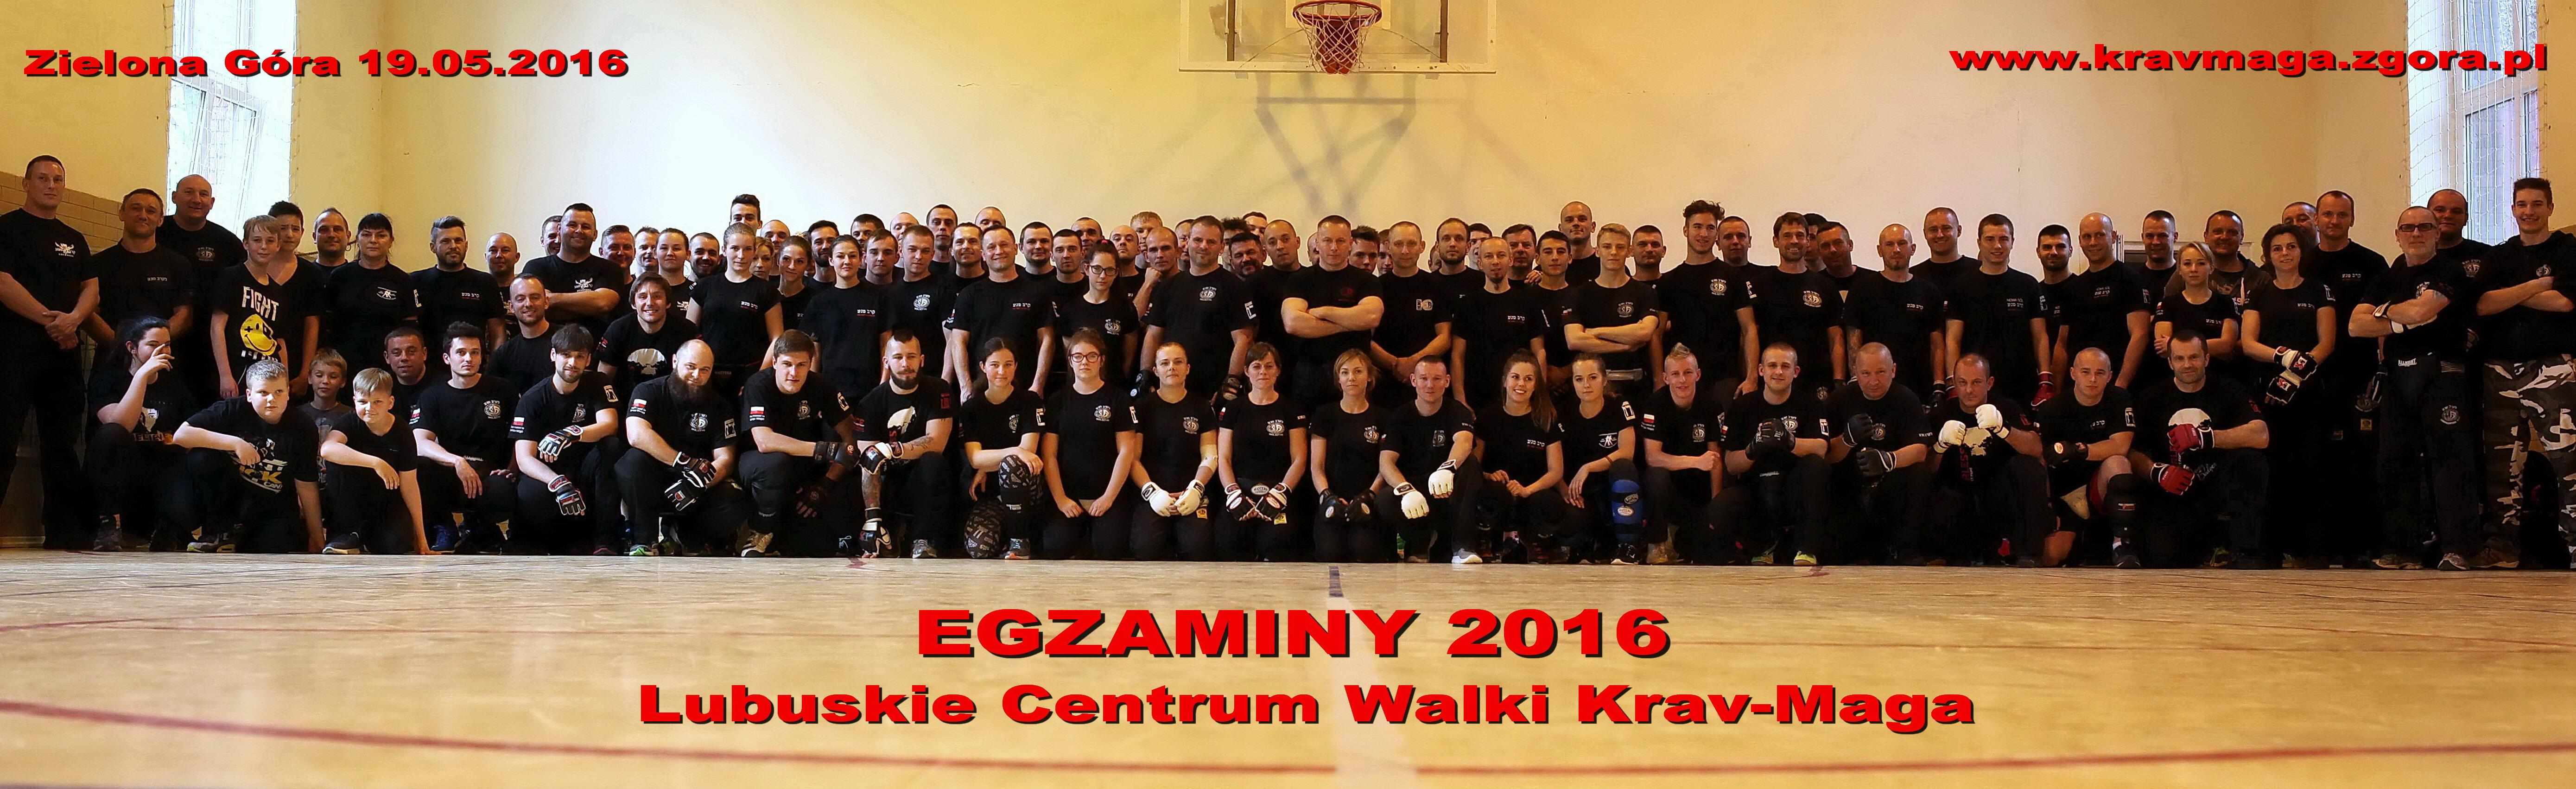 20160519_egzaminy_full